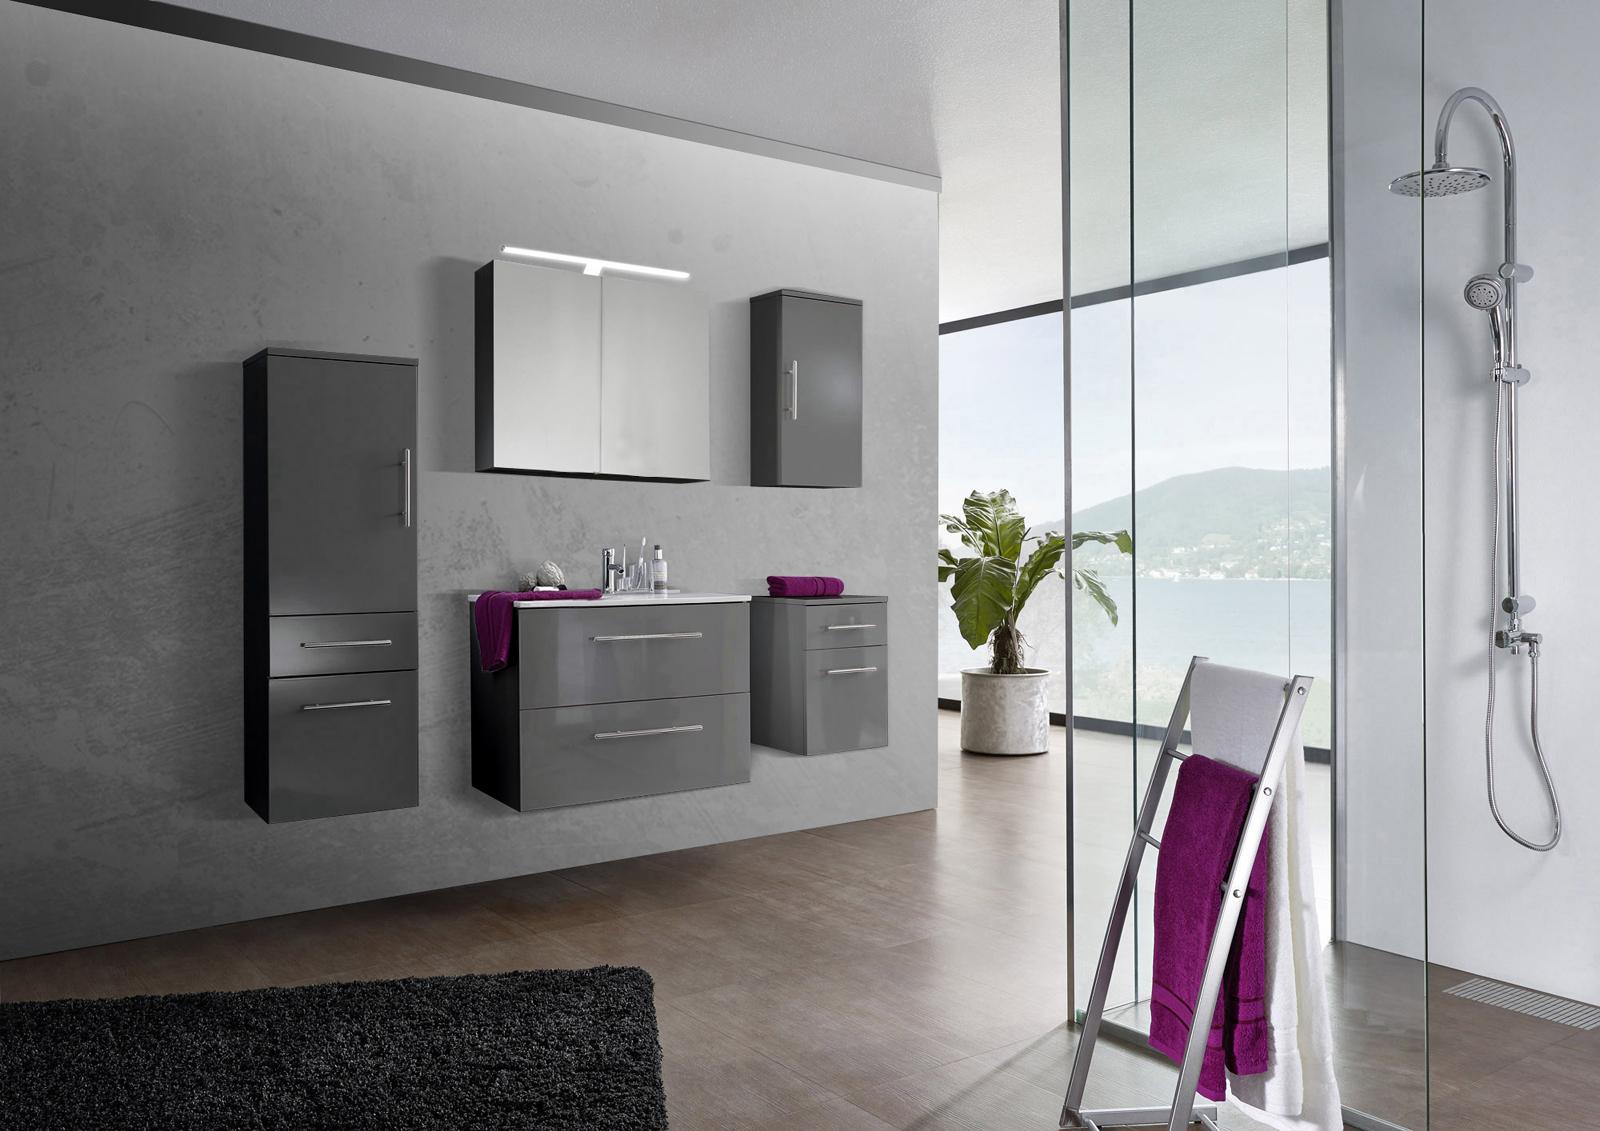 sam 5tlg badezimmer set spiegelschrank grau 80 cm verena. Black Bedroom Furniture Sets. Home Design Ideas